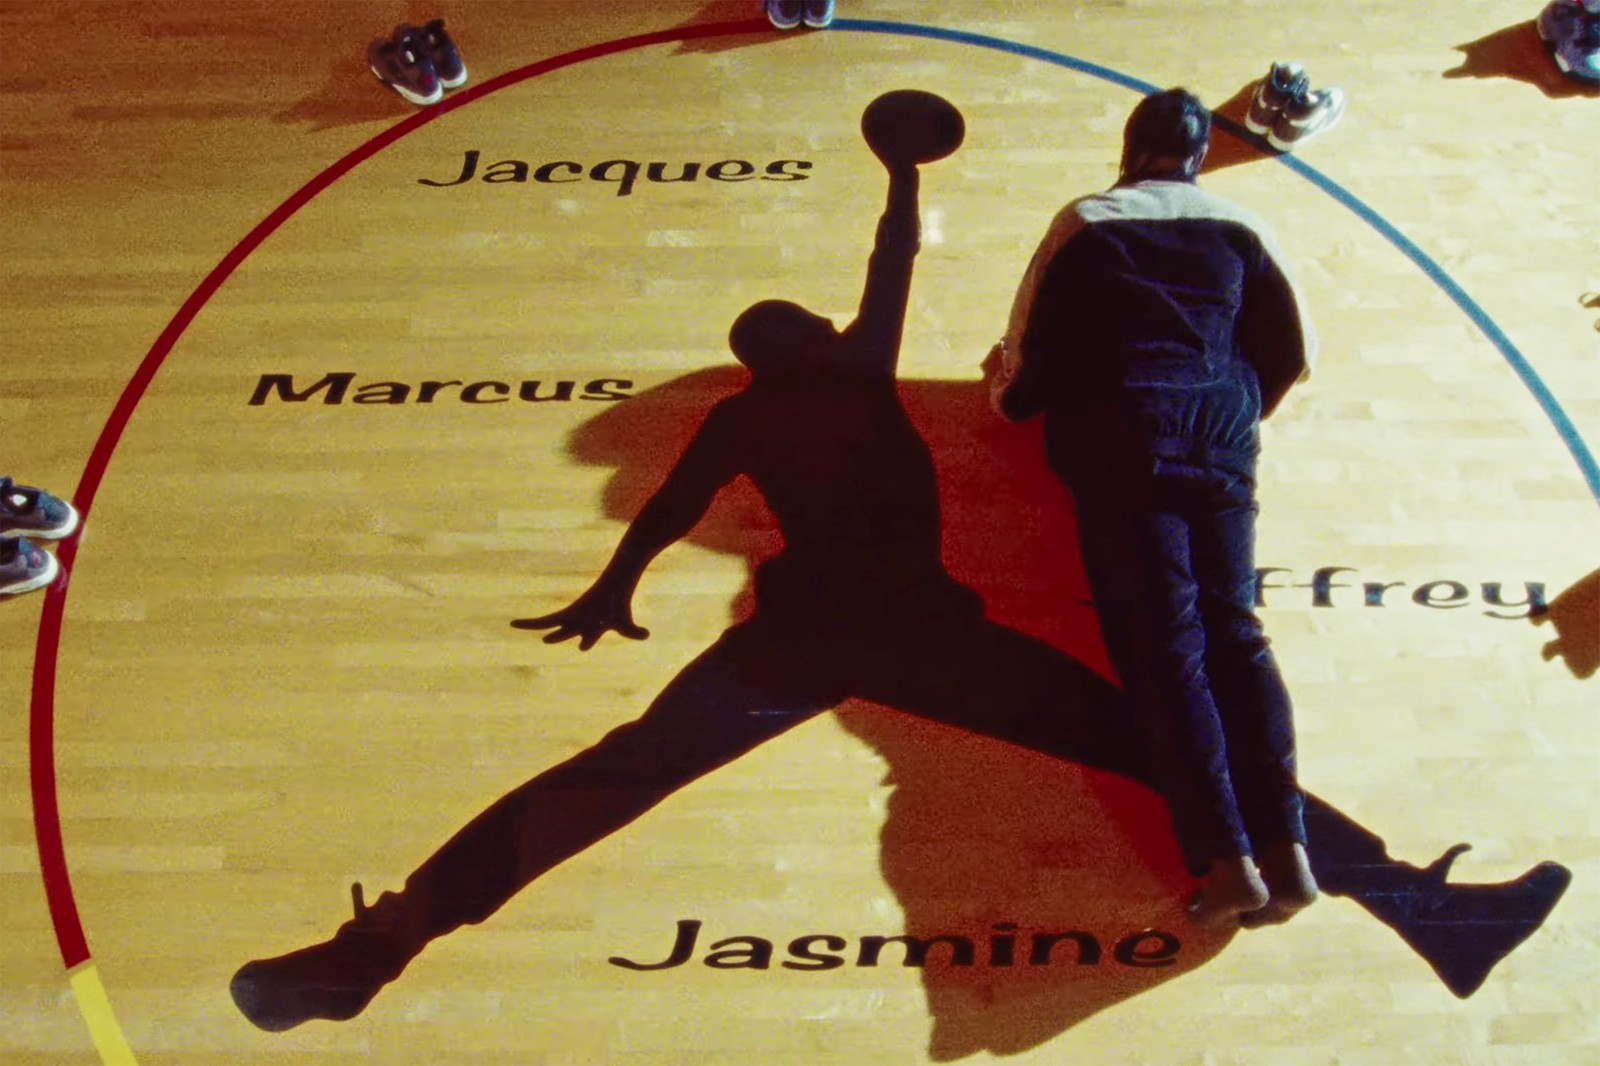 Travis Scott Franchise Music Video Tours Michael Jordan Chicago Mansion HYPEBEAST Music Best New Tracks